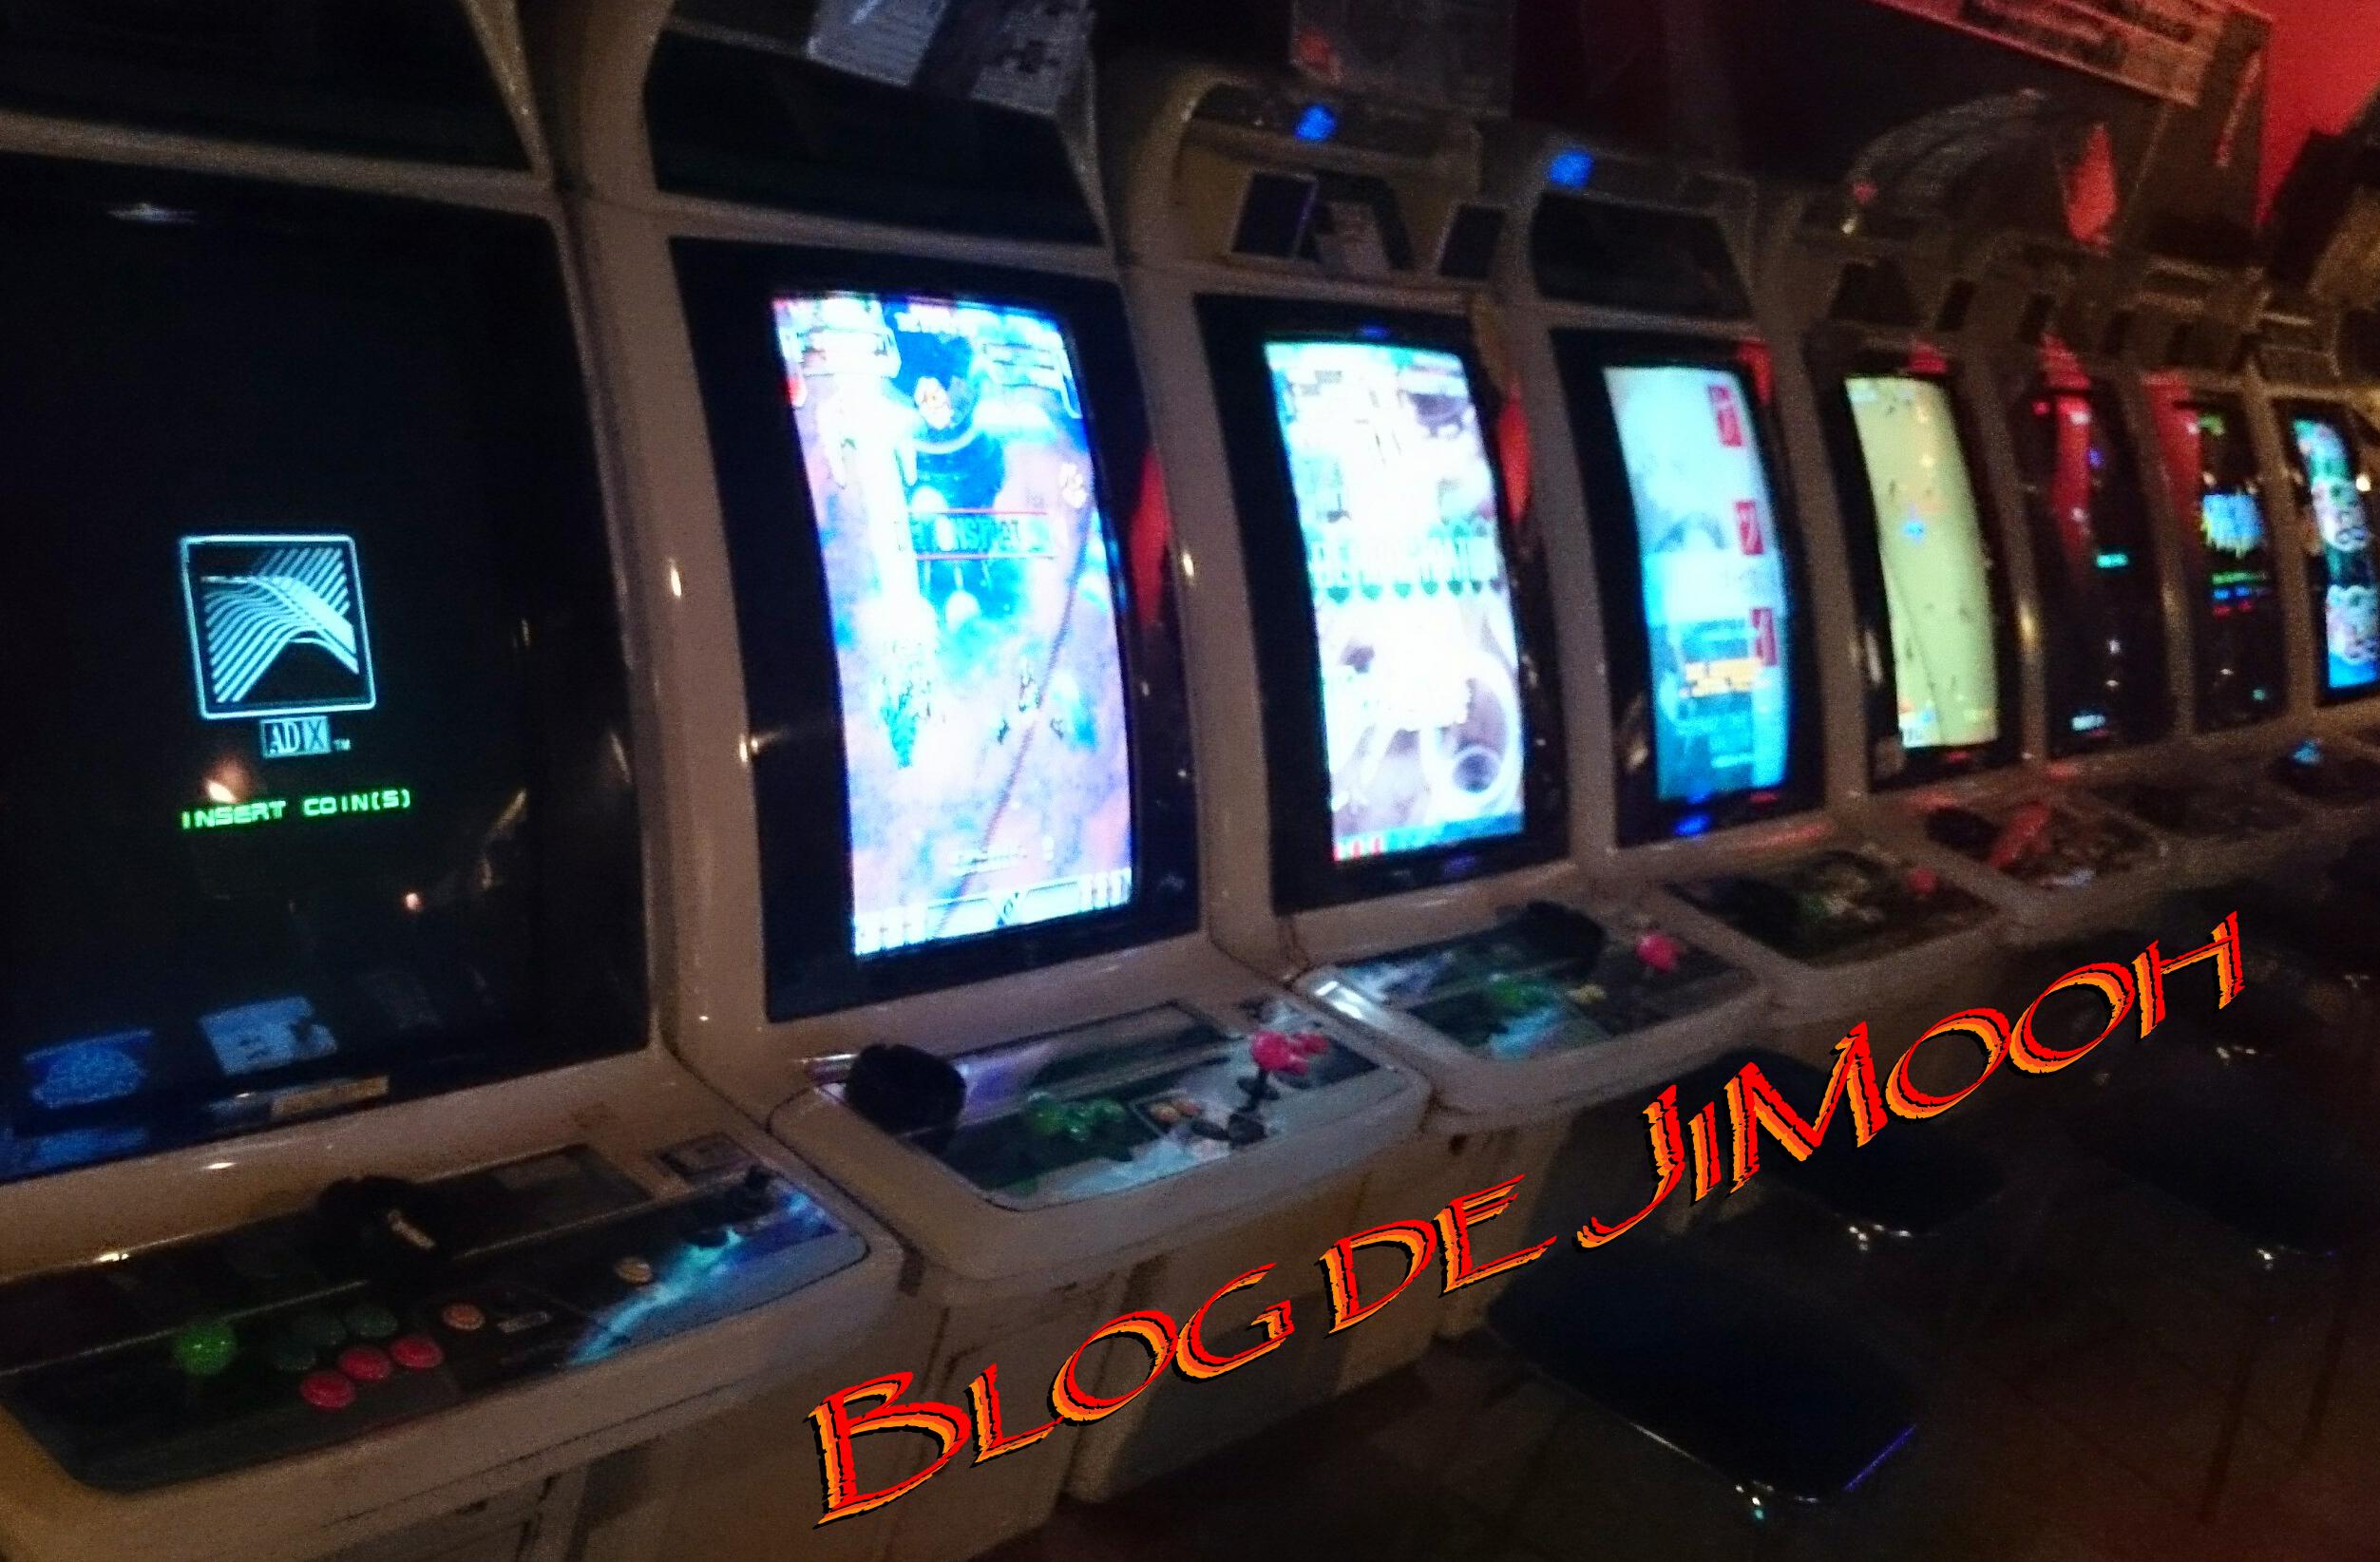 Le Blog de JiMooh